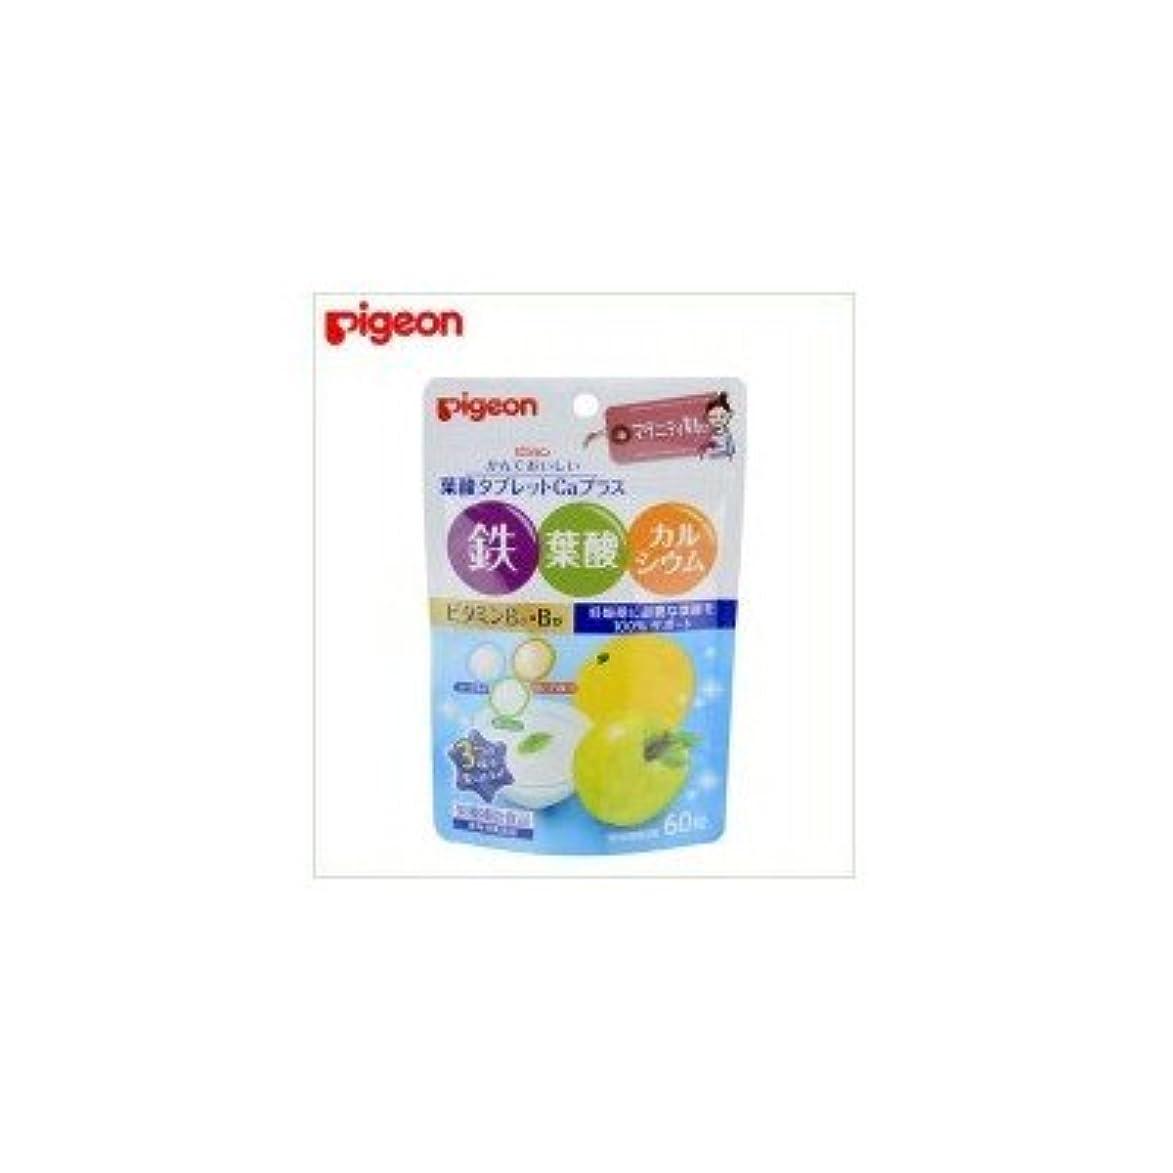 期間もちろんマグPigeon(ピジョン) サプリメント 栄養補助食品 かんでおいしい葉酸タブレット Caプラス 60粒 20446